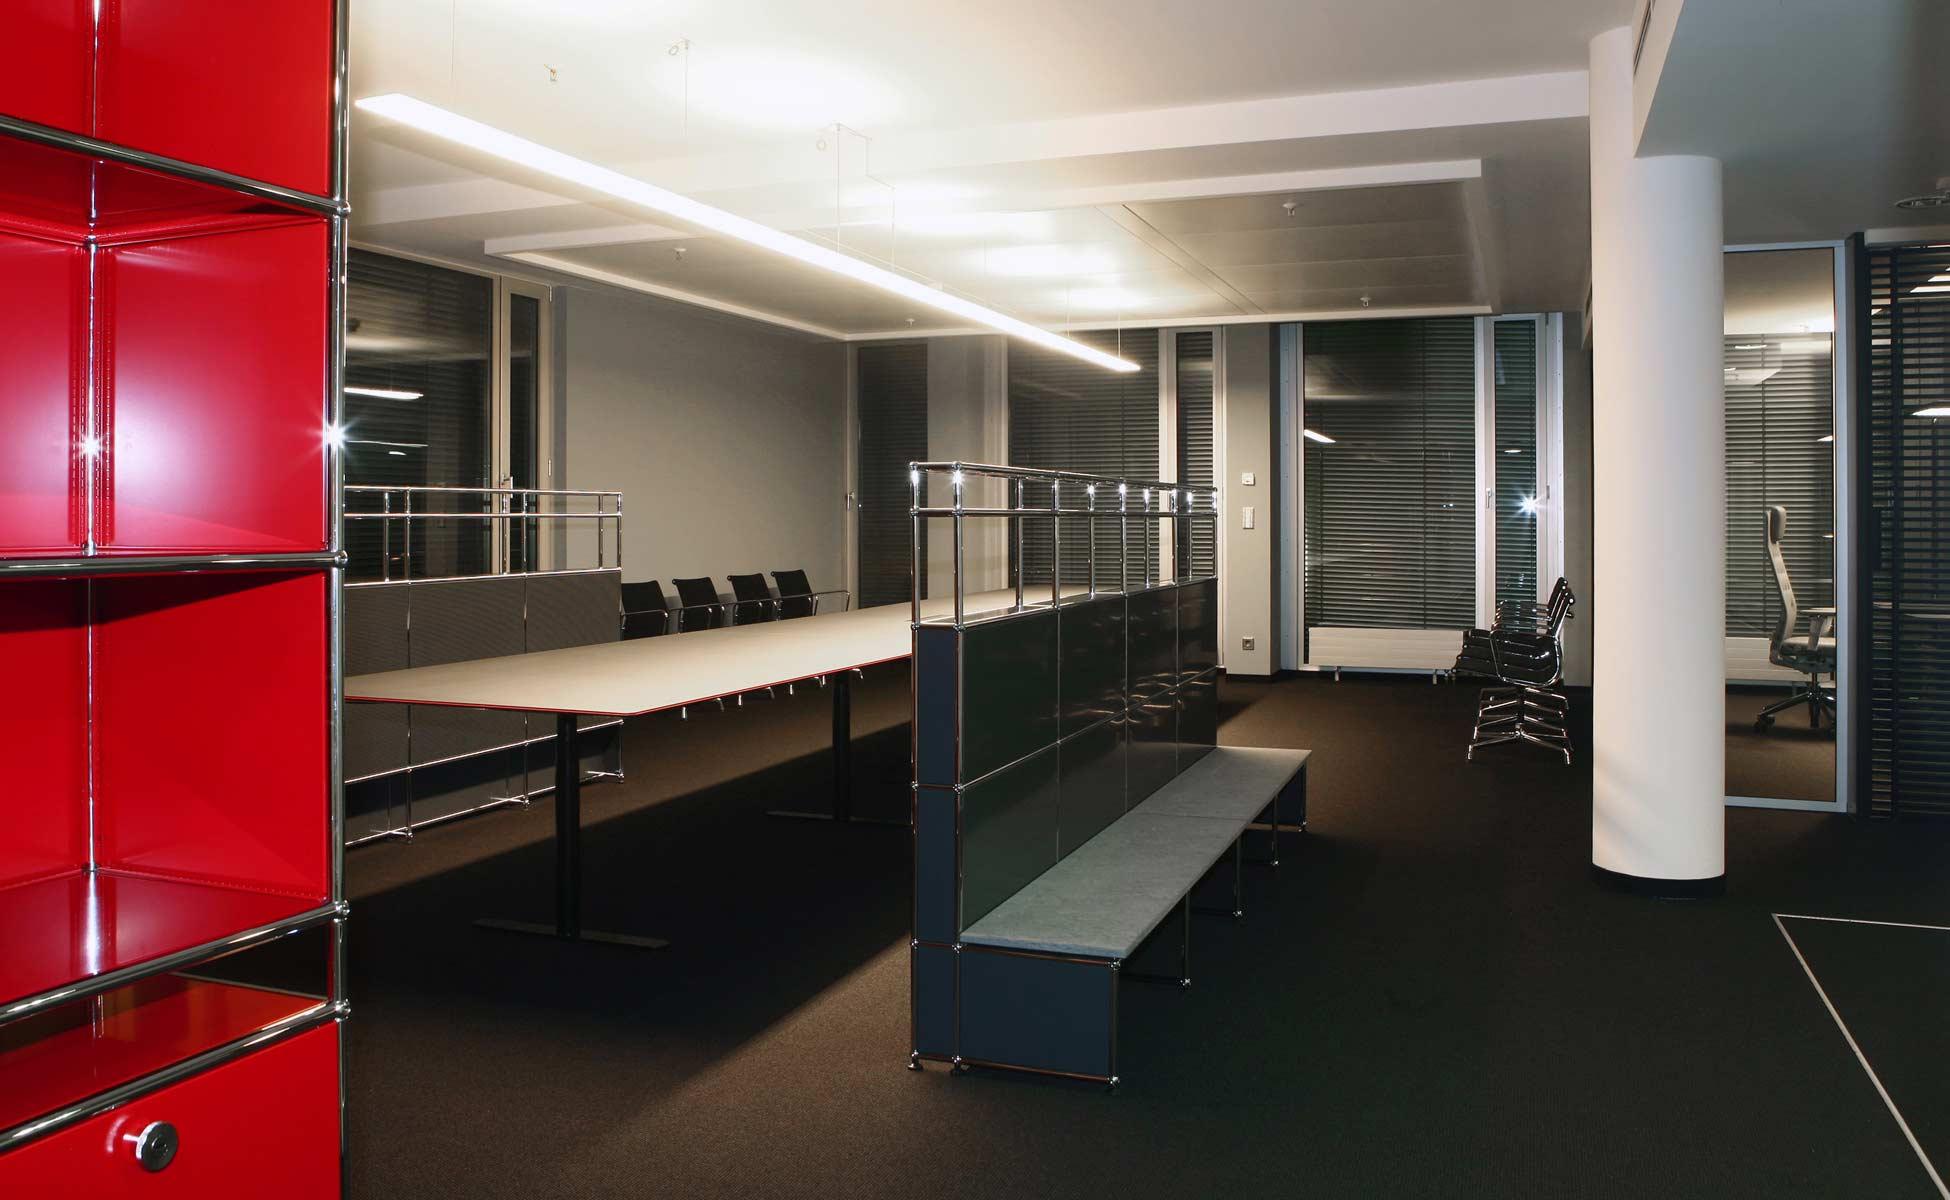 03 montana konferenztisch - büro- und objekteinrichtung von steidten+ berlin